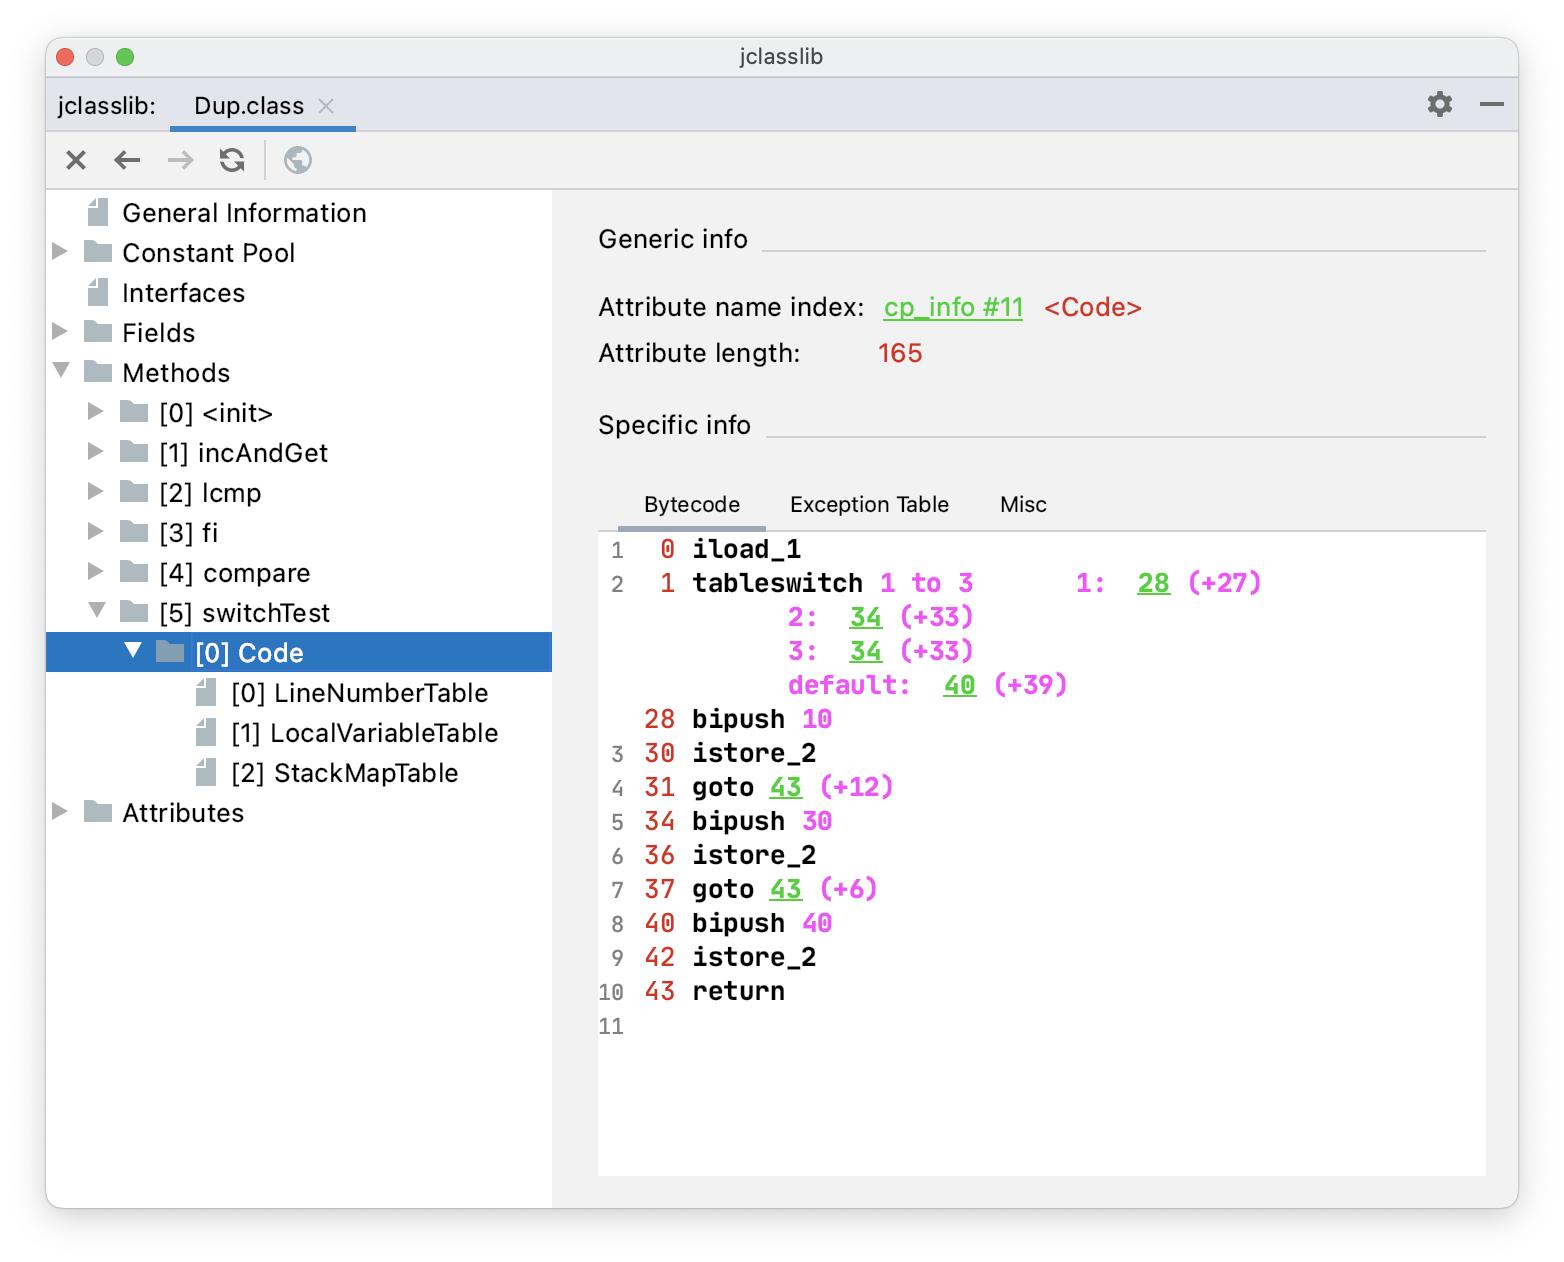 我要悄悄学习 Java 字节码指令,在成为技术大佬的路上一去不复返插图(19)